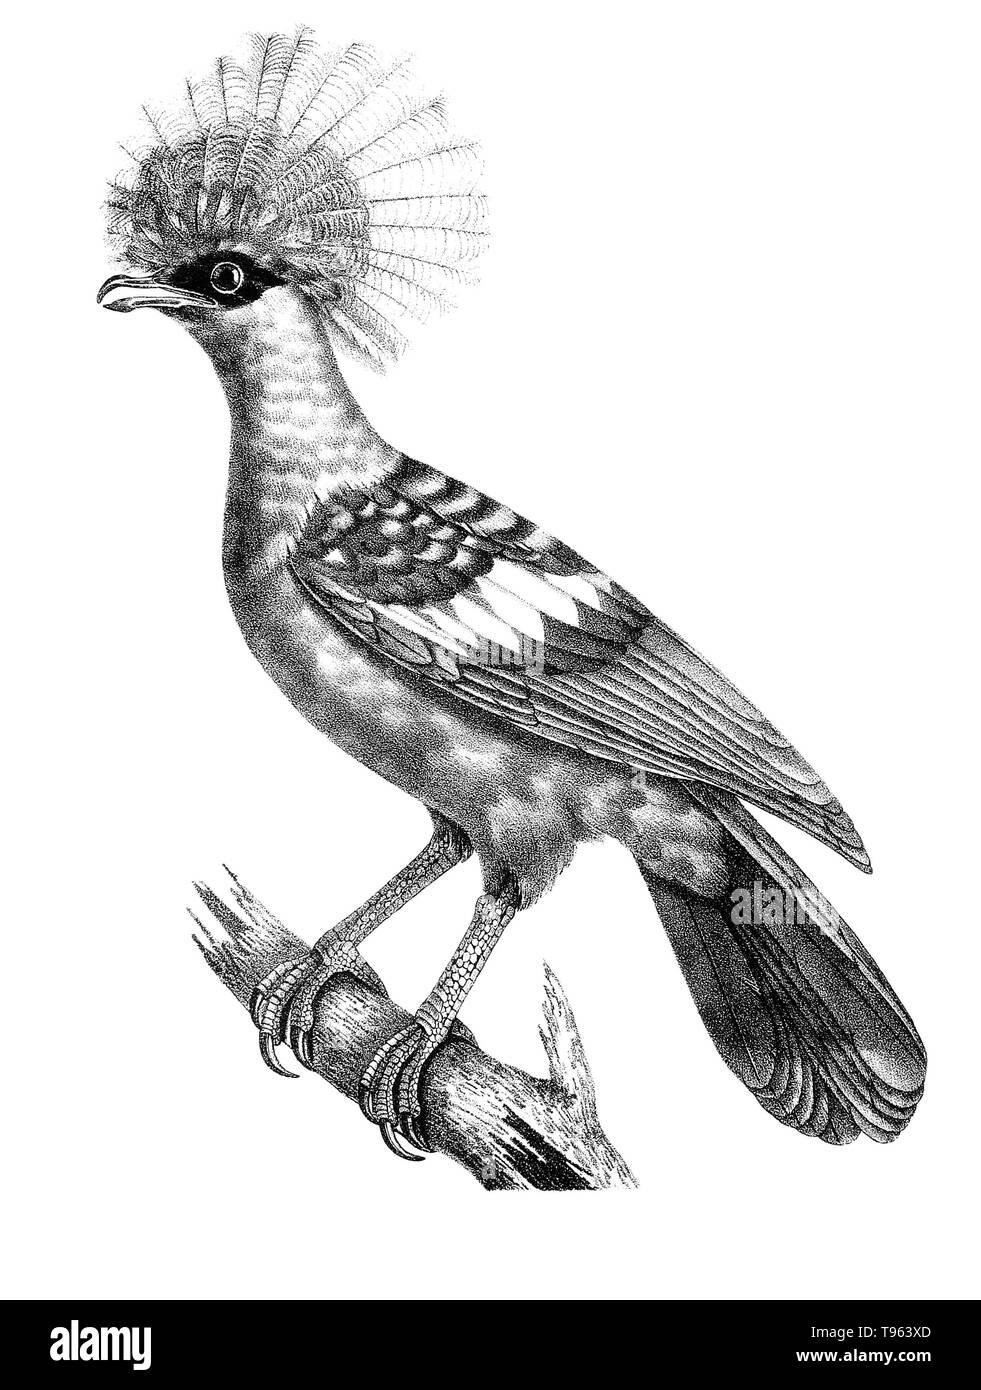 Crowned goura pigeon (Lophyrus coronatus) from La galerie des oiseaux du Cabinet d'histoire naturelle du Jardin du roi, 1834 edition, written by Louis Pierre Vieillot, with plates by Paul Louis Oudart. - Stock Image